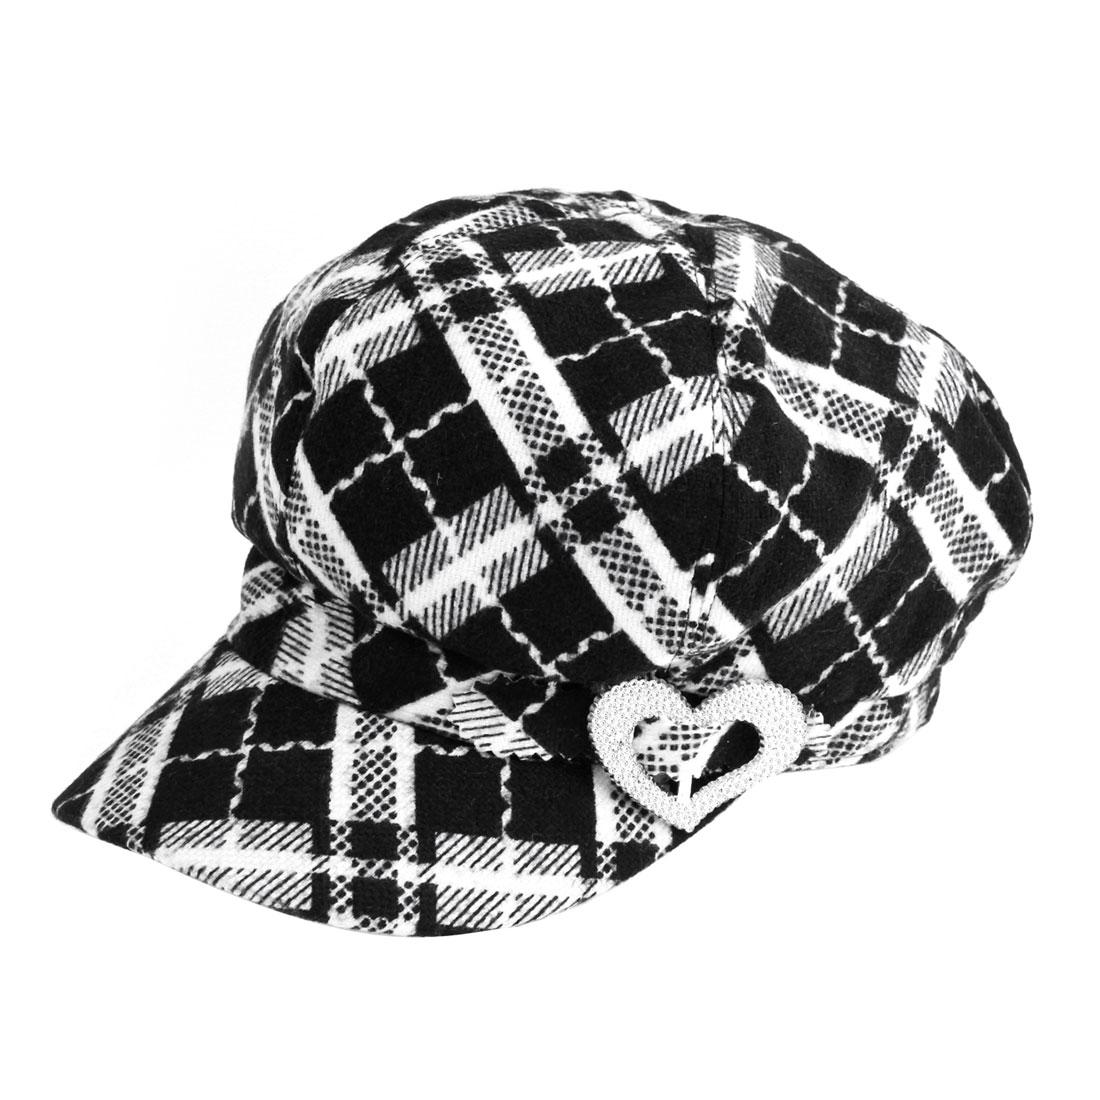 Black White Grid Pattern Plastic Heart Accent Visor Hat XL for Women